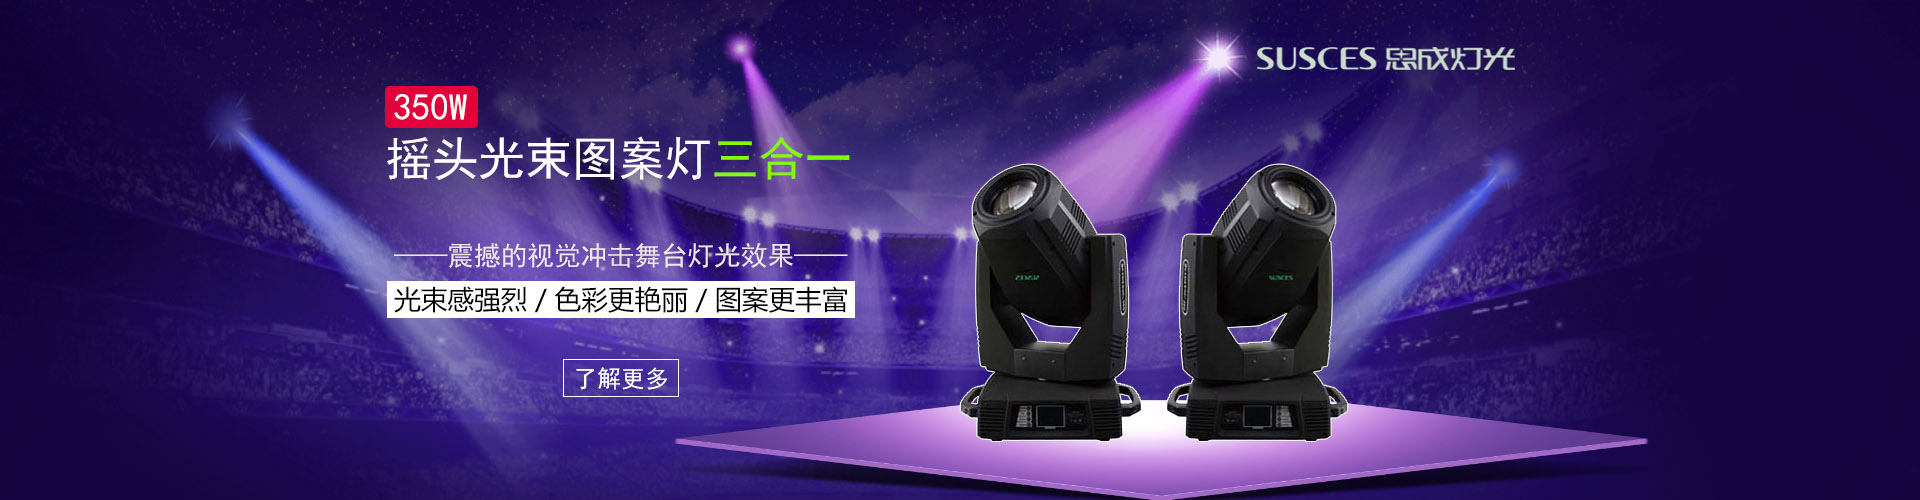 广州思成灯光350W摇头光束图案灯三合一